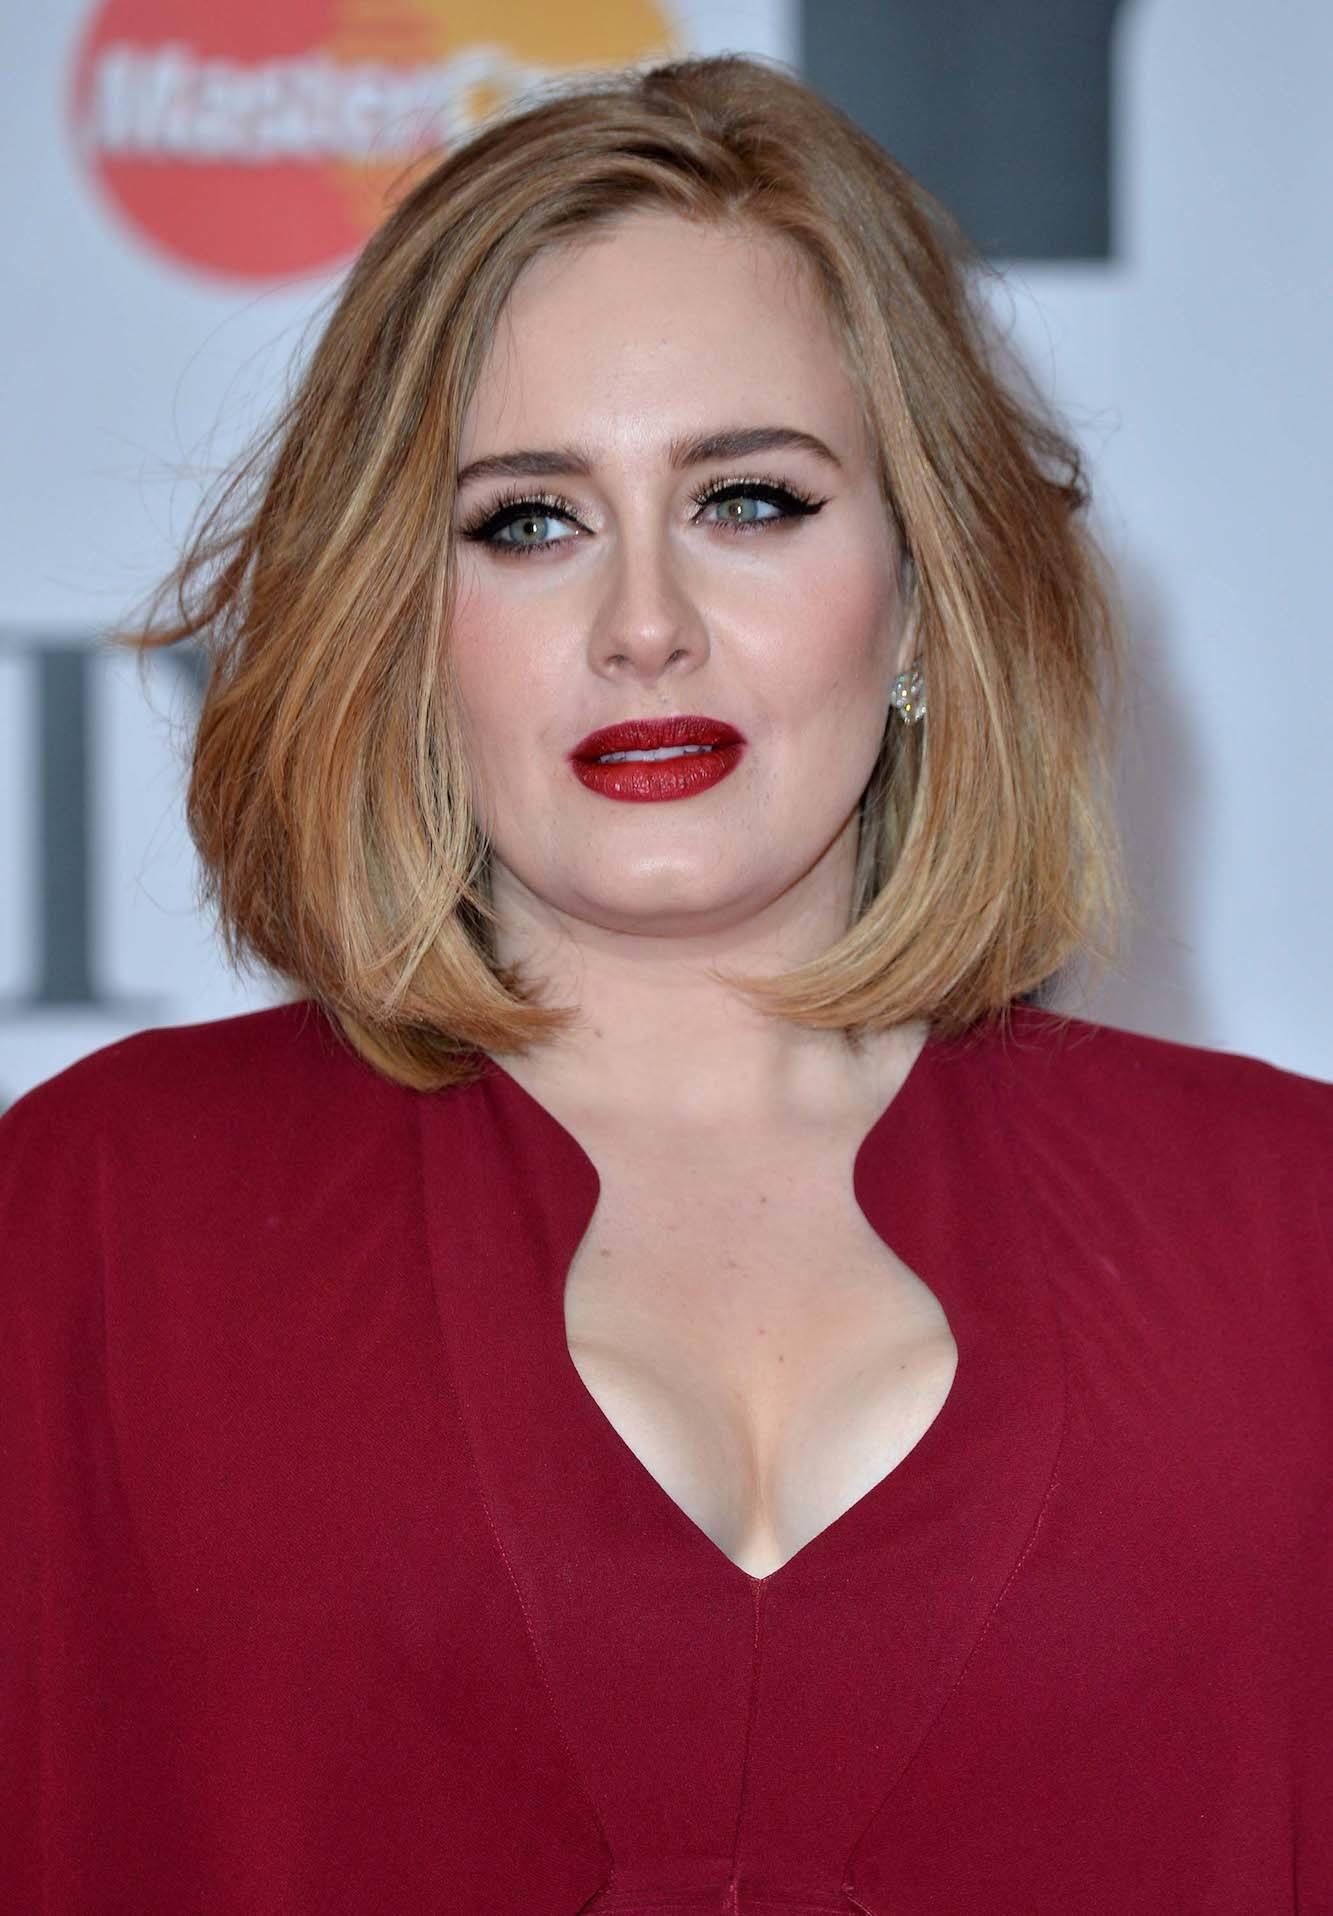 Adele dengan model pendek untuk wajah bulat dan badan gemuk.